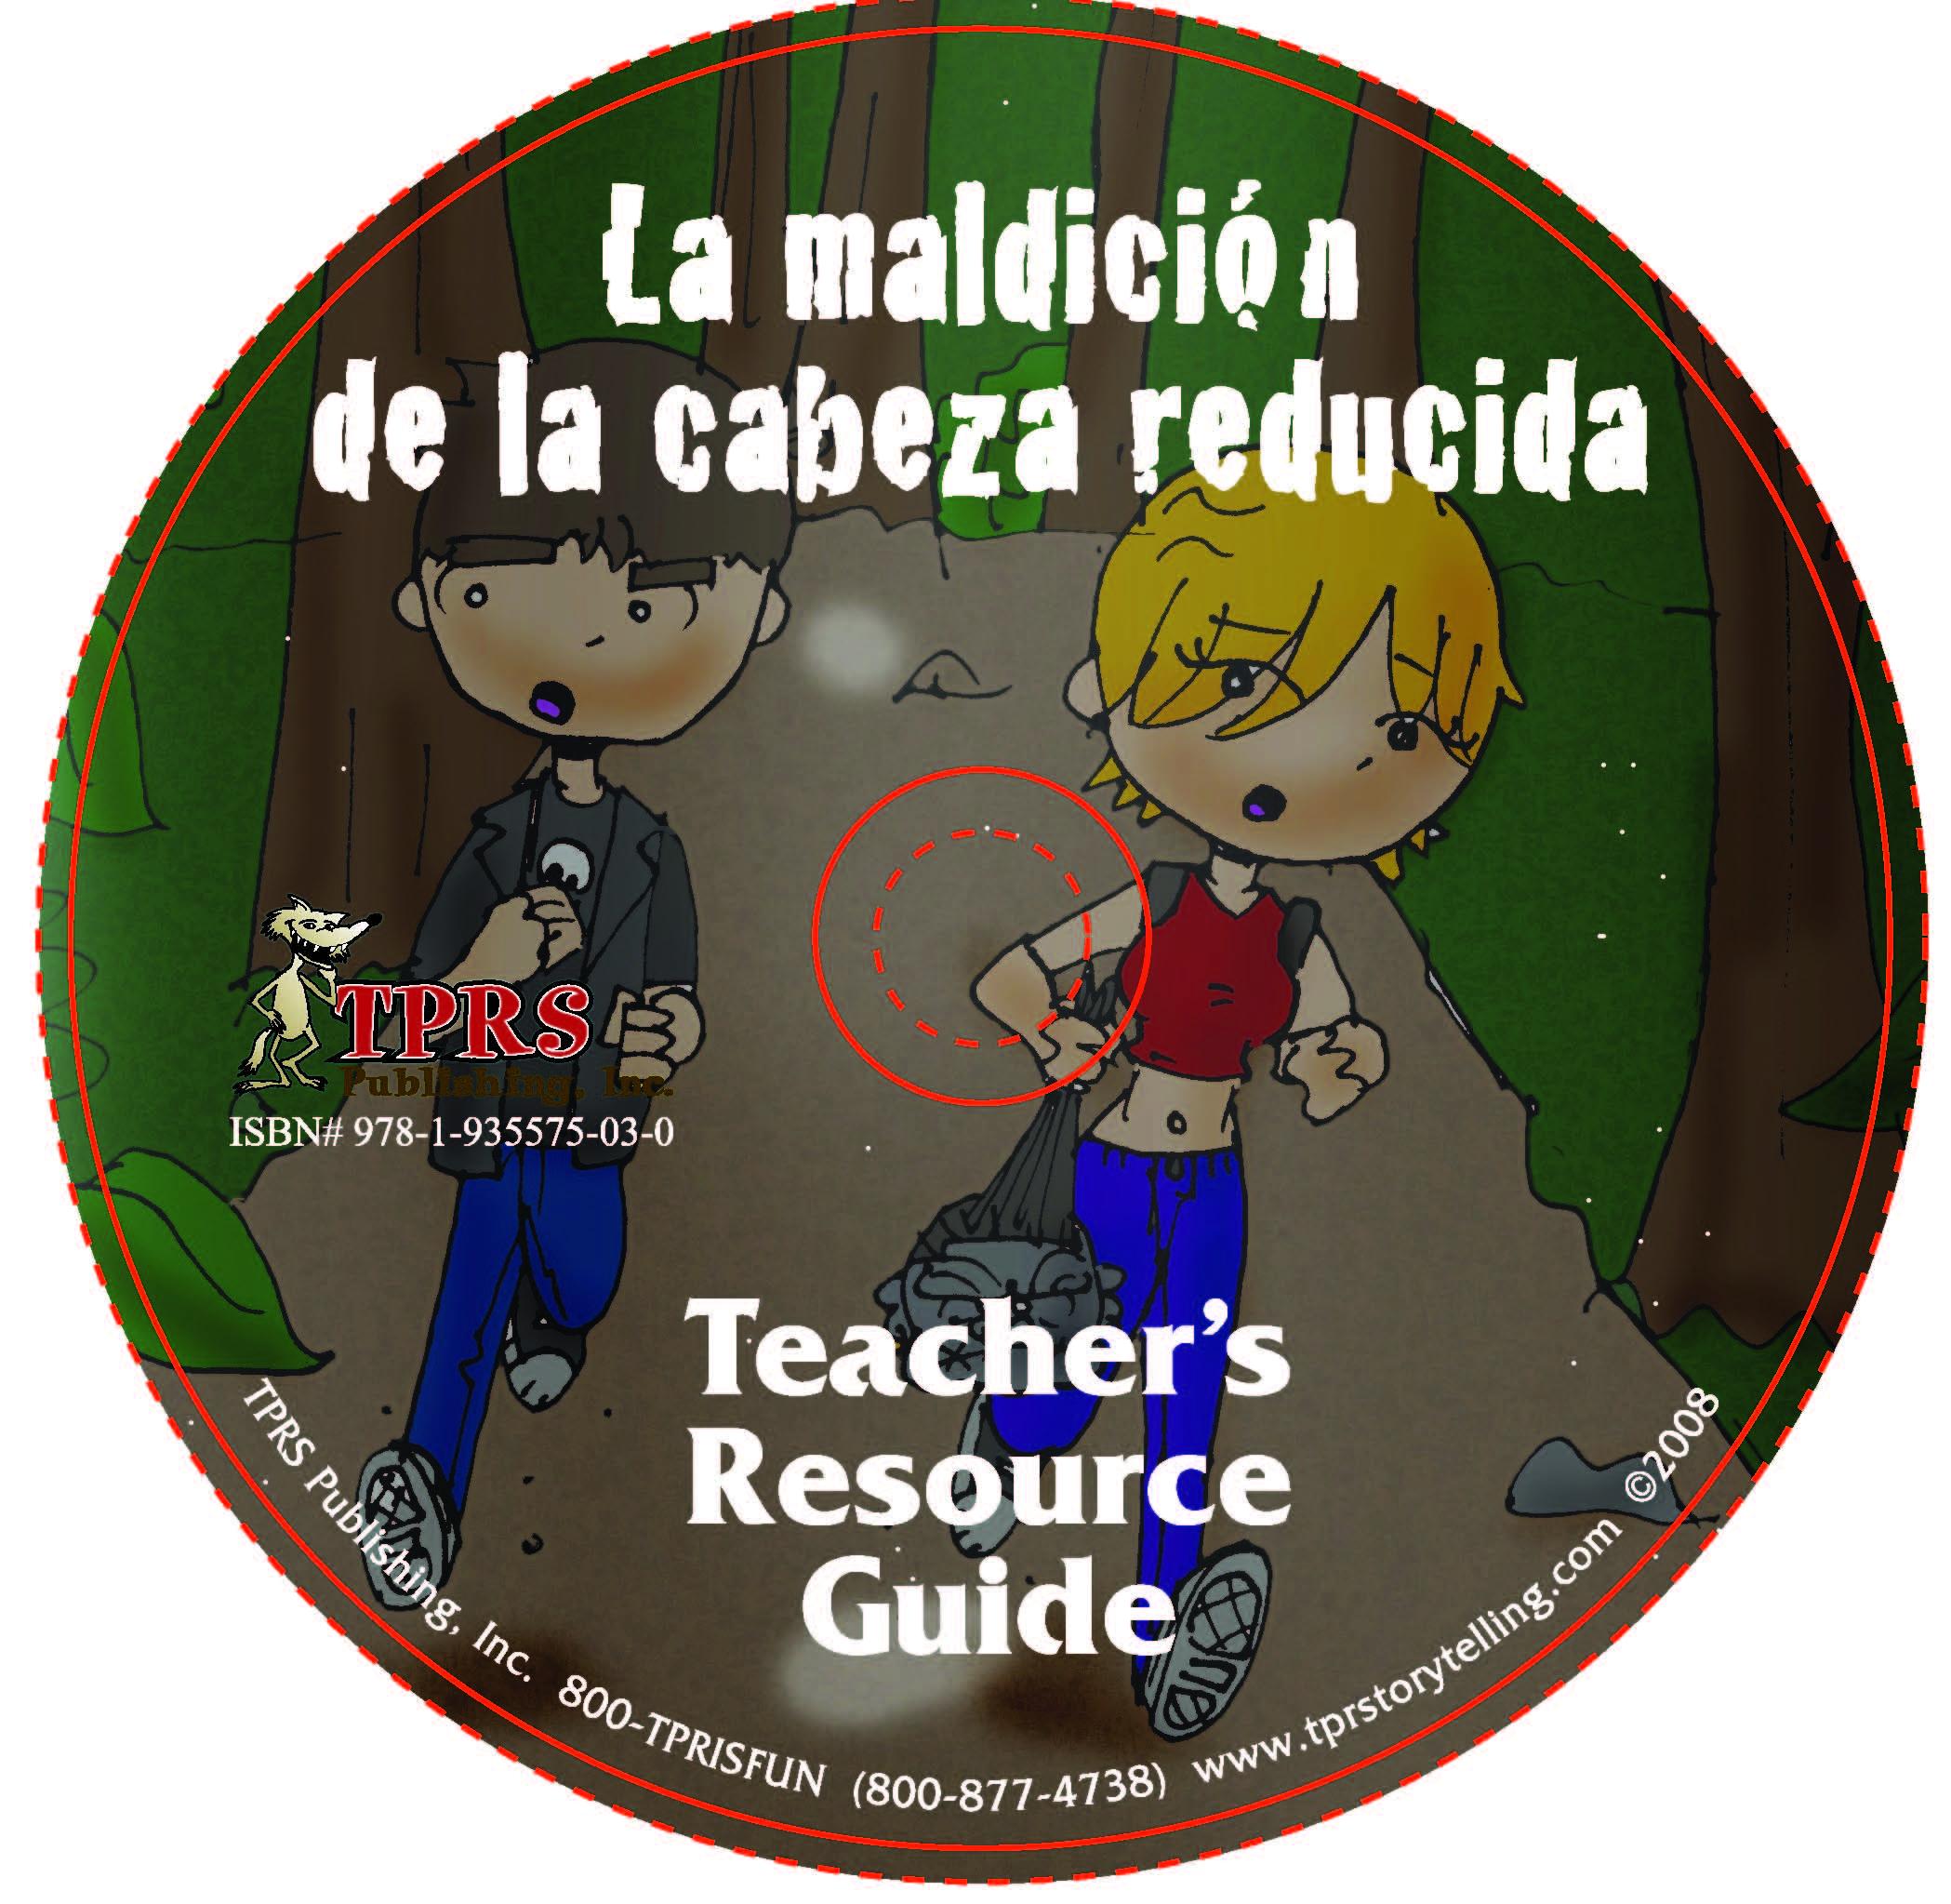 La maldición de la cabeza reducida – Teacher's Guide on CD